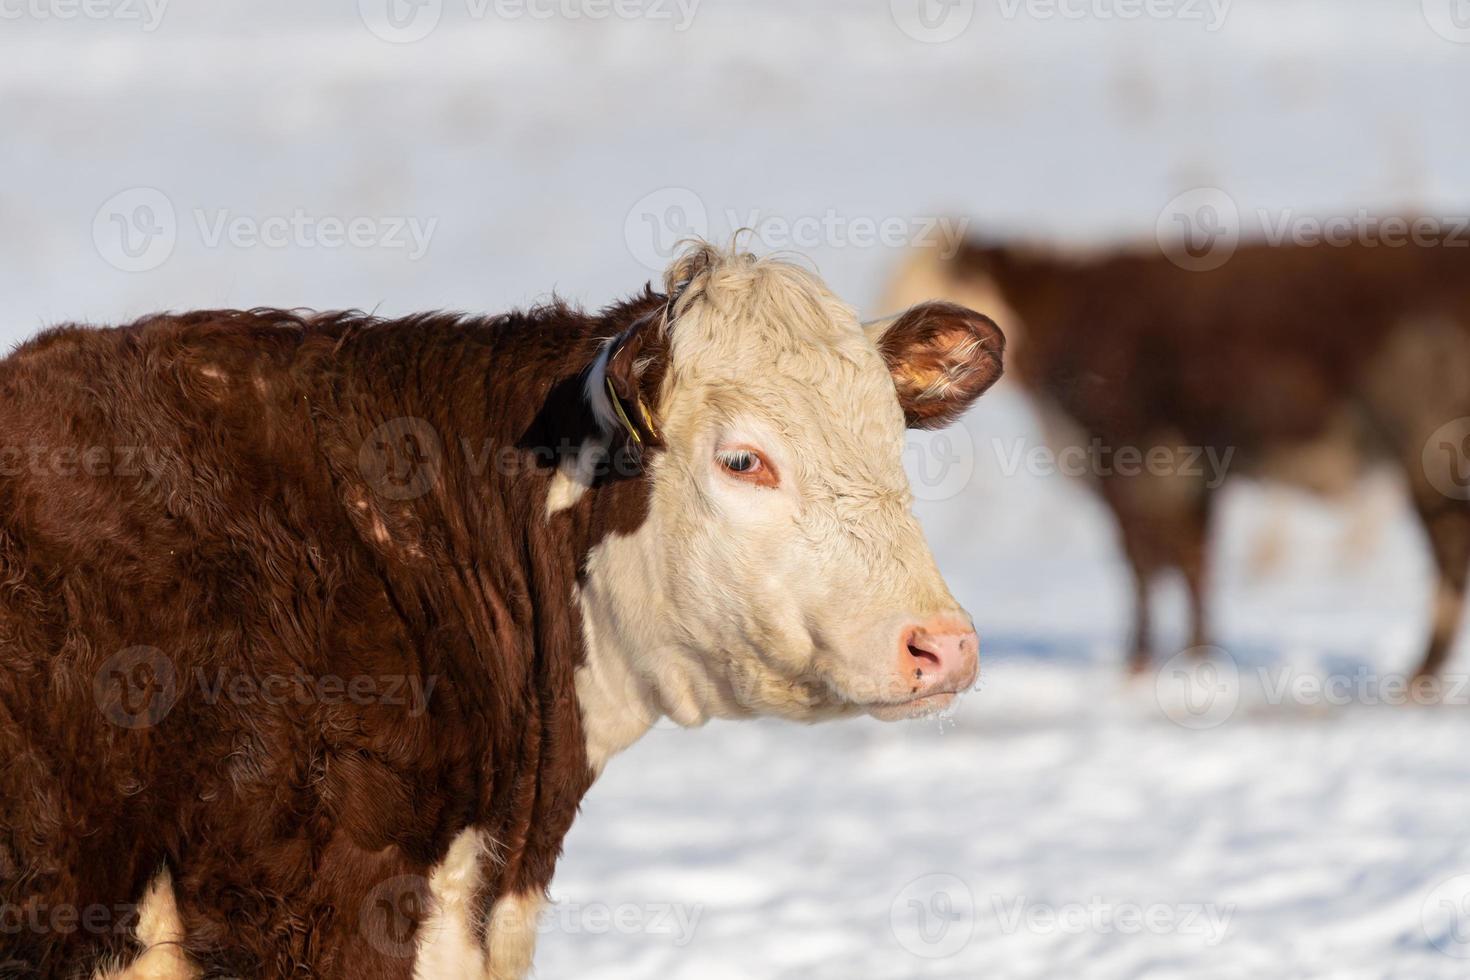 brun ko utomhus i en hage på vintern foto